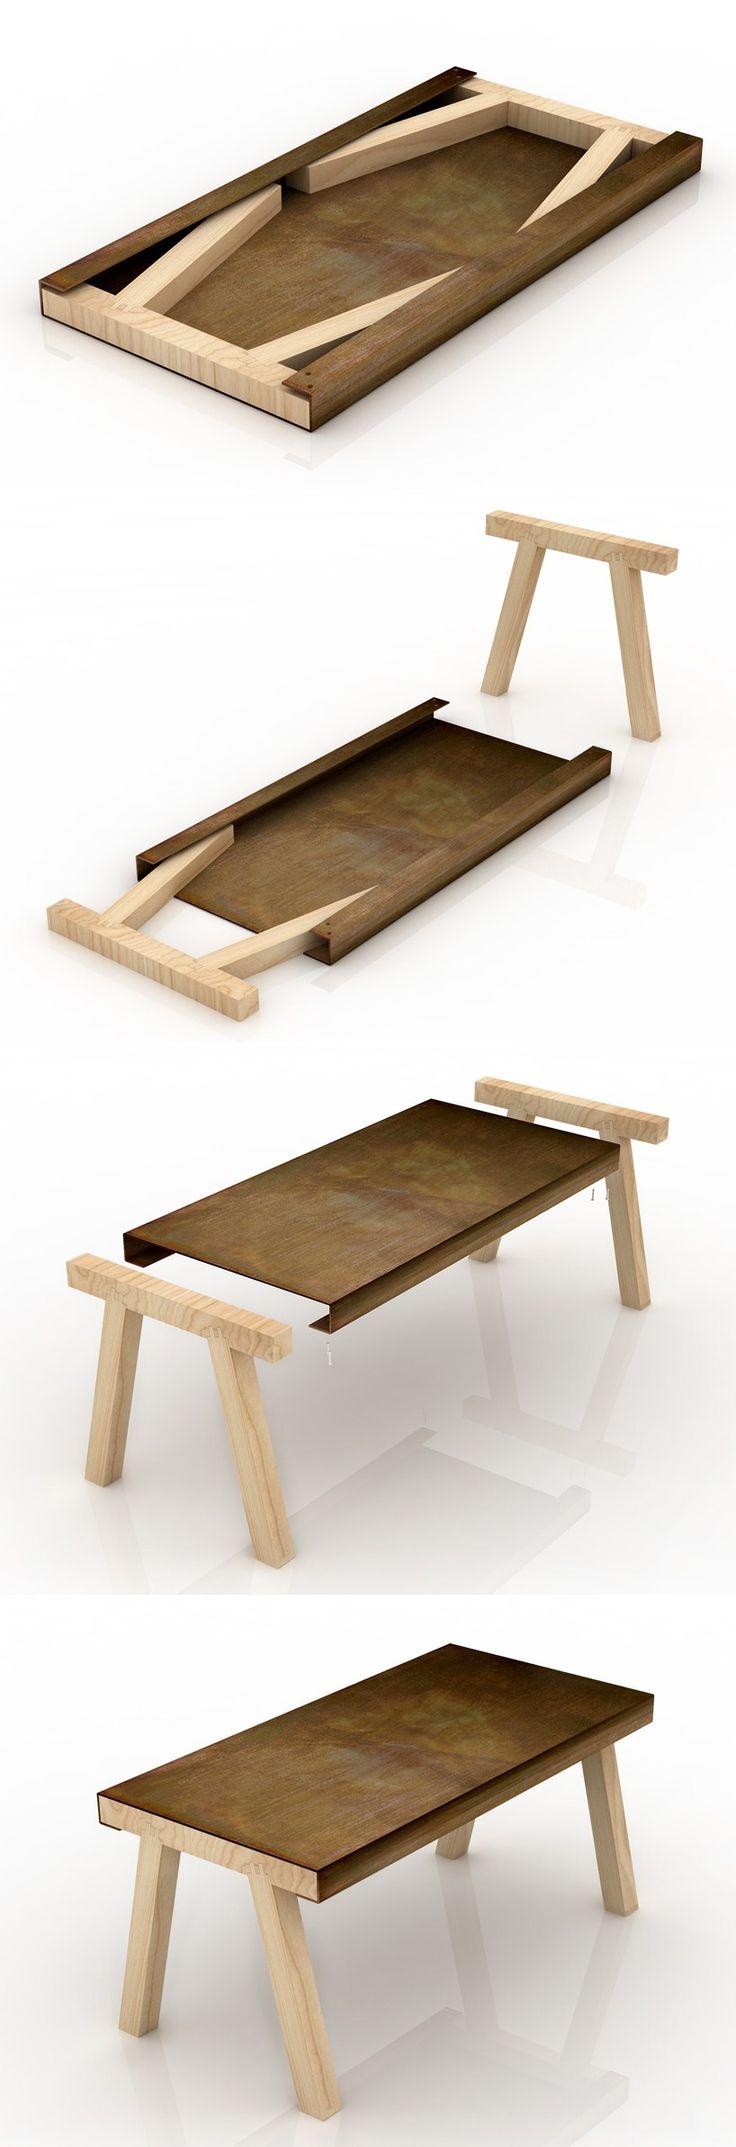 Wat een wow-tafel. Compact en zeer handig. Je zou hem niet-uitgevouwen aan de muur kunnen hangen als piece-of-art